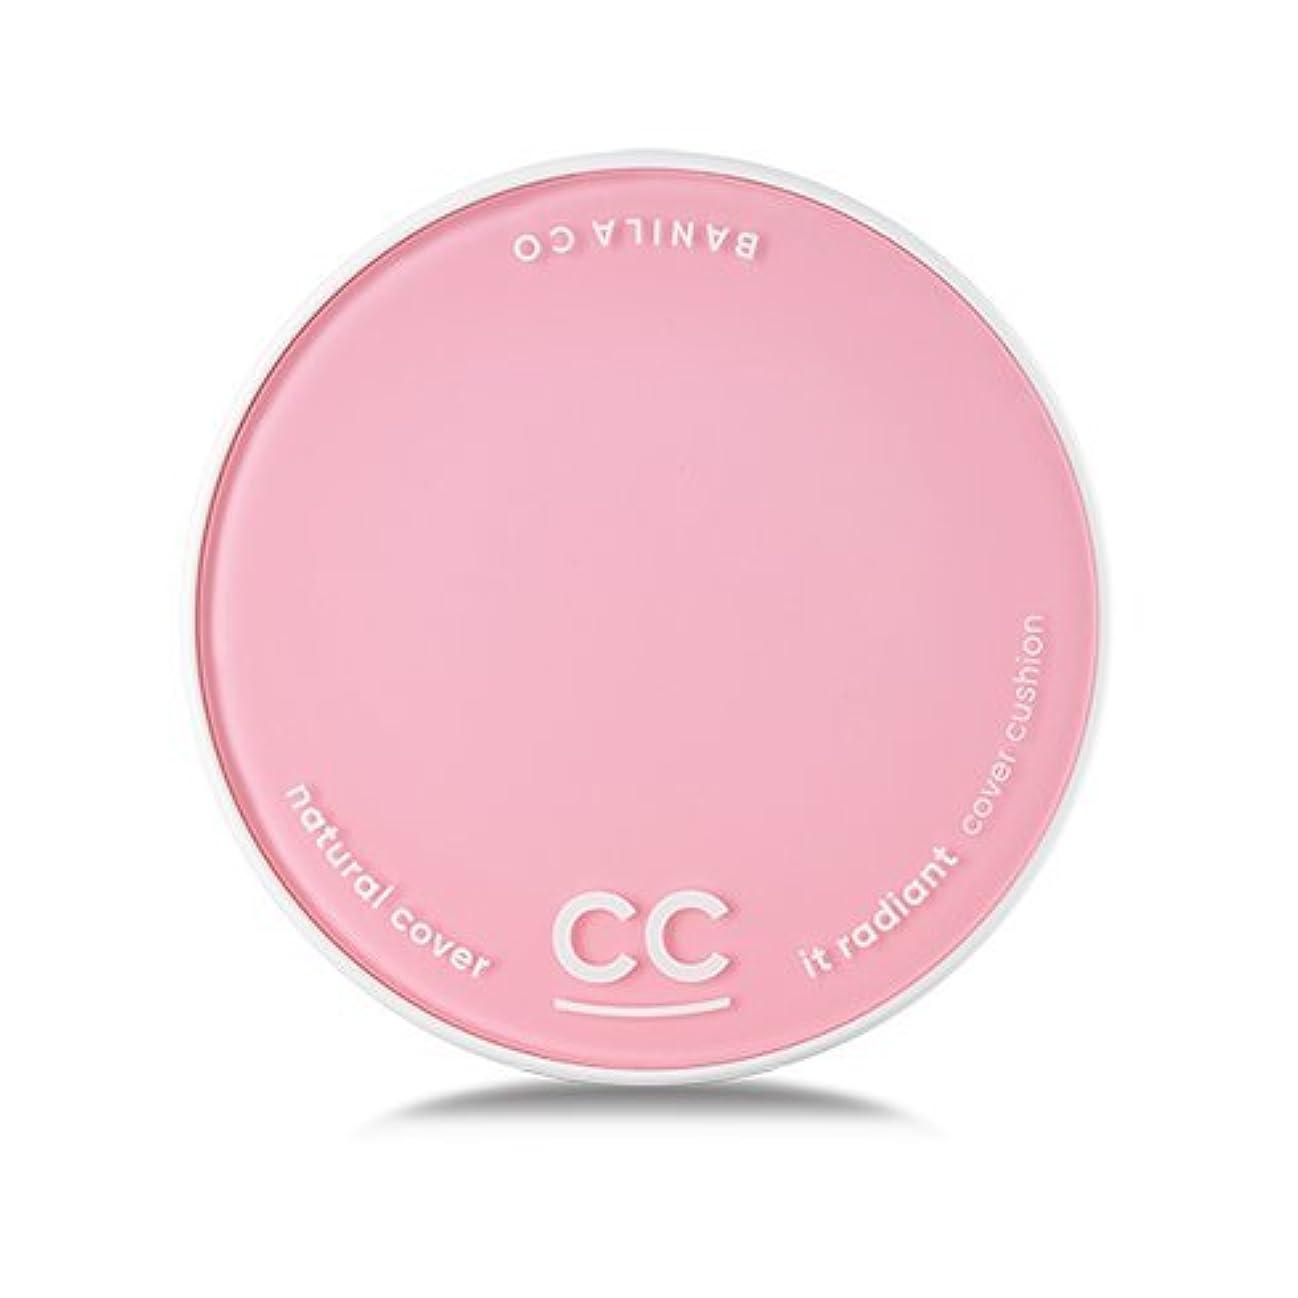 暴行視線うなり声[Renewal] BANILA CO It Radiant CC Cover Cushion 12g + Refill 12g/バニラコ イット ラディアント CC カバー クッション 12g + リフィル 12g (#BP15) [並行輸入品]